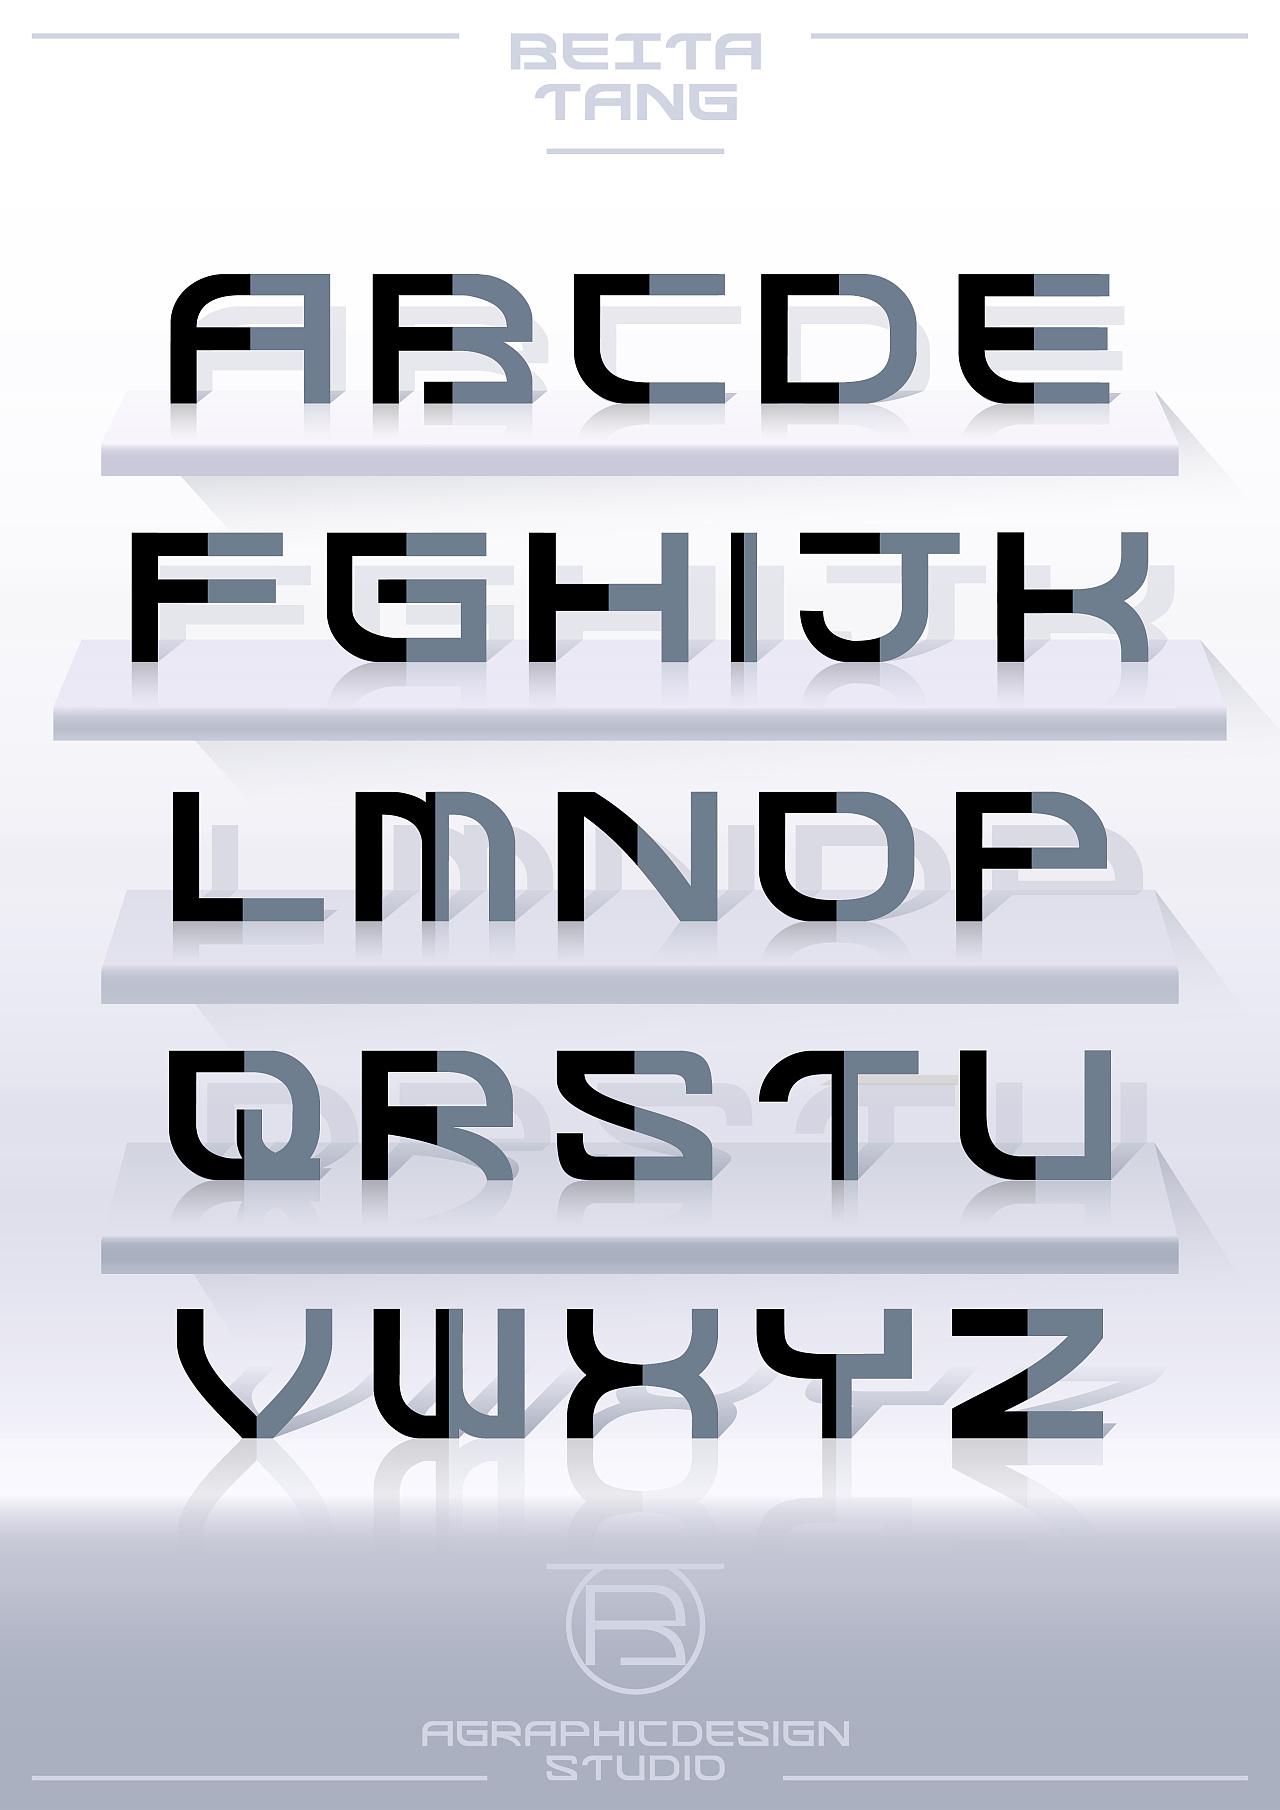 表情 26个英文字母字体与版式设计 平面 字体 字形 贝塔唐 原创作品 站酷  表情